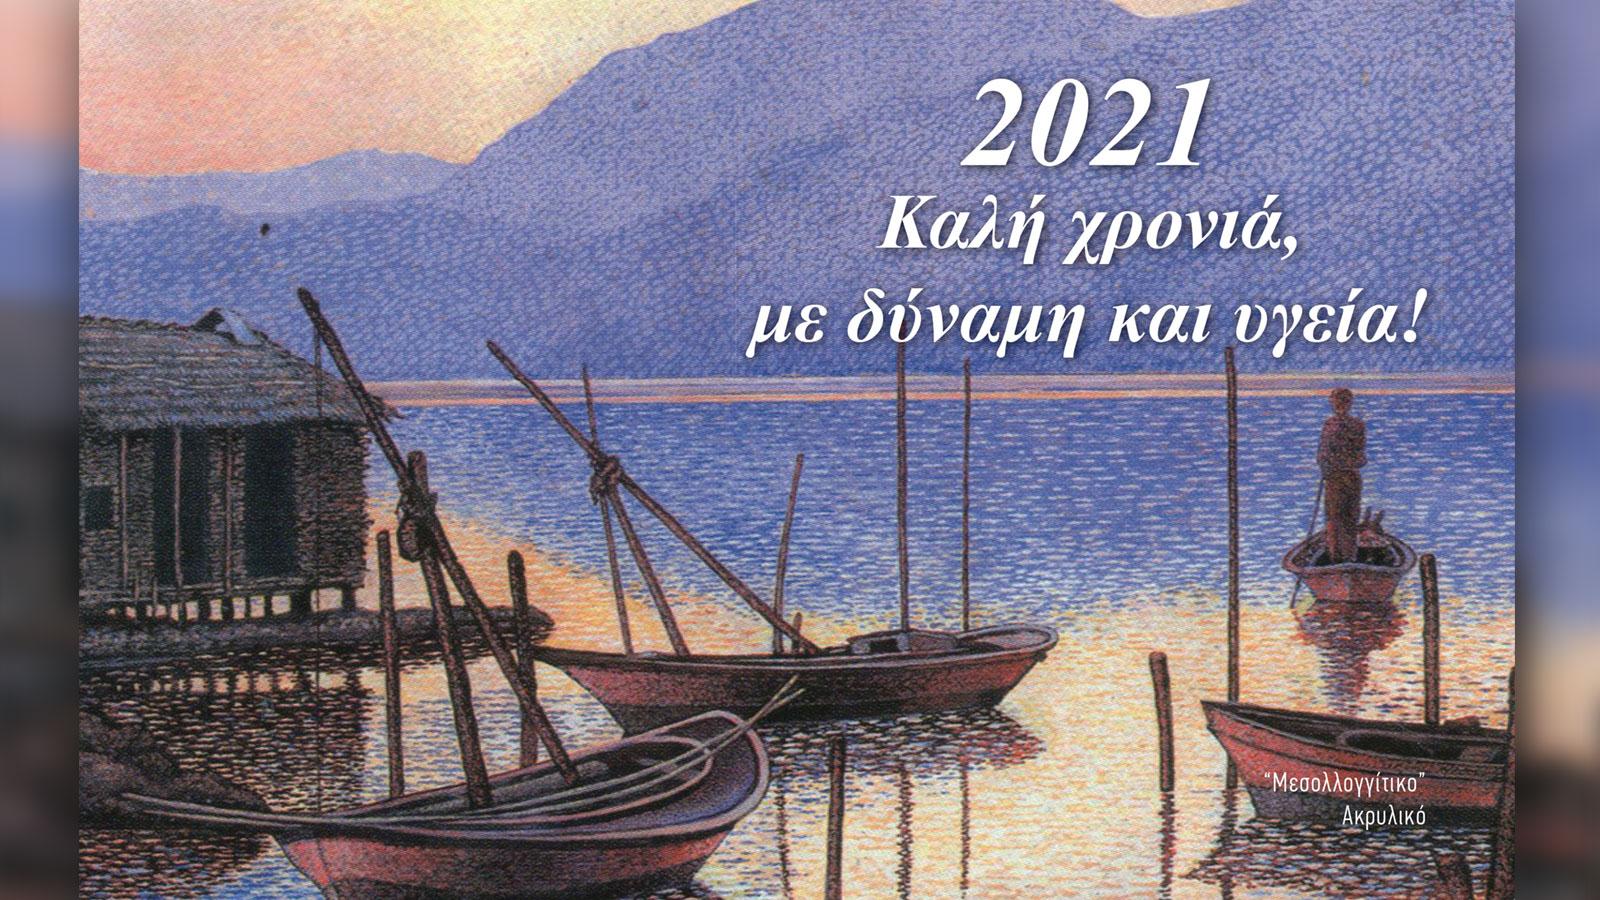 Επιτραπέζιο ημερολόγιο 2021 με έργα του Γιώργη Φαρσακίδη (ΦΩΤΟ) | 902 Mobile